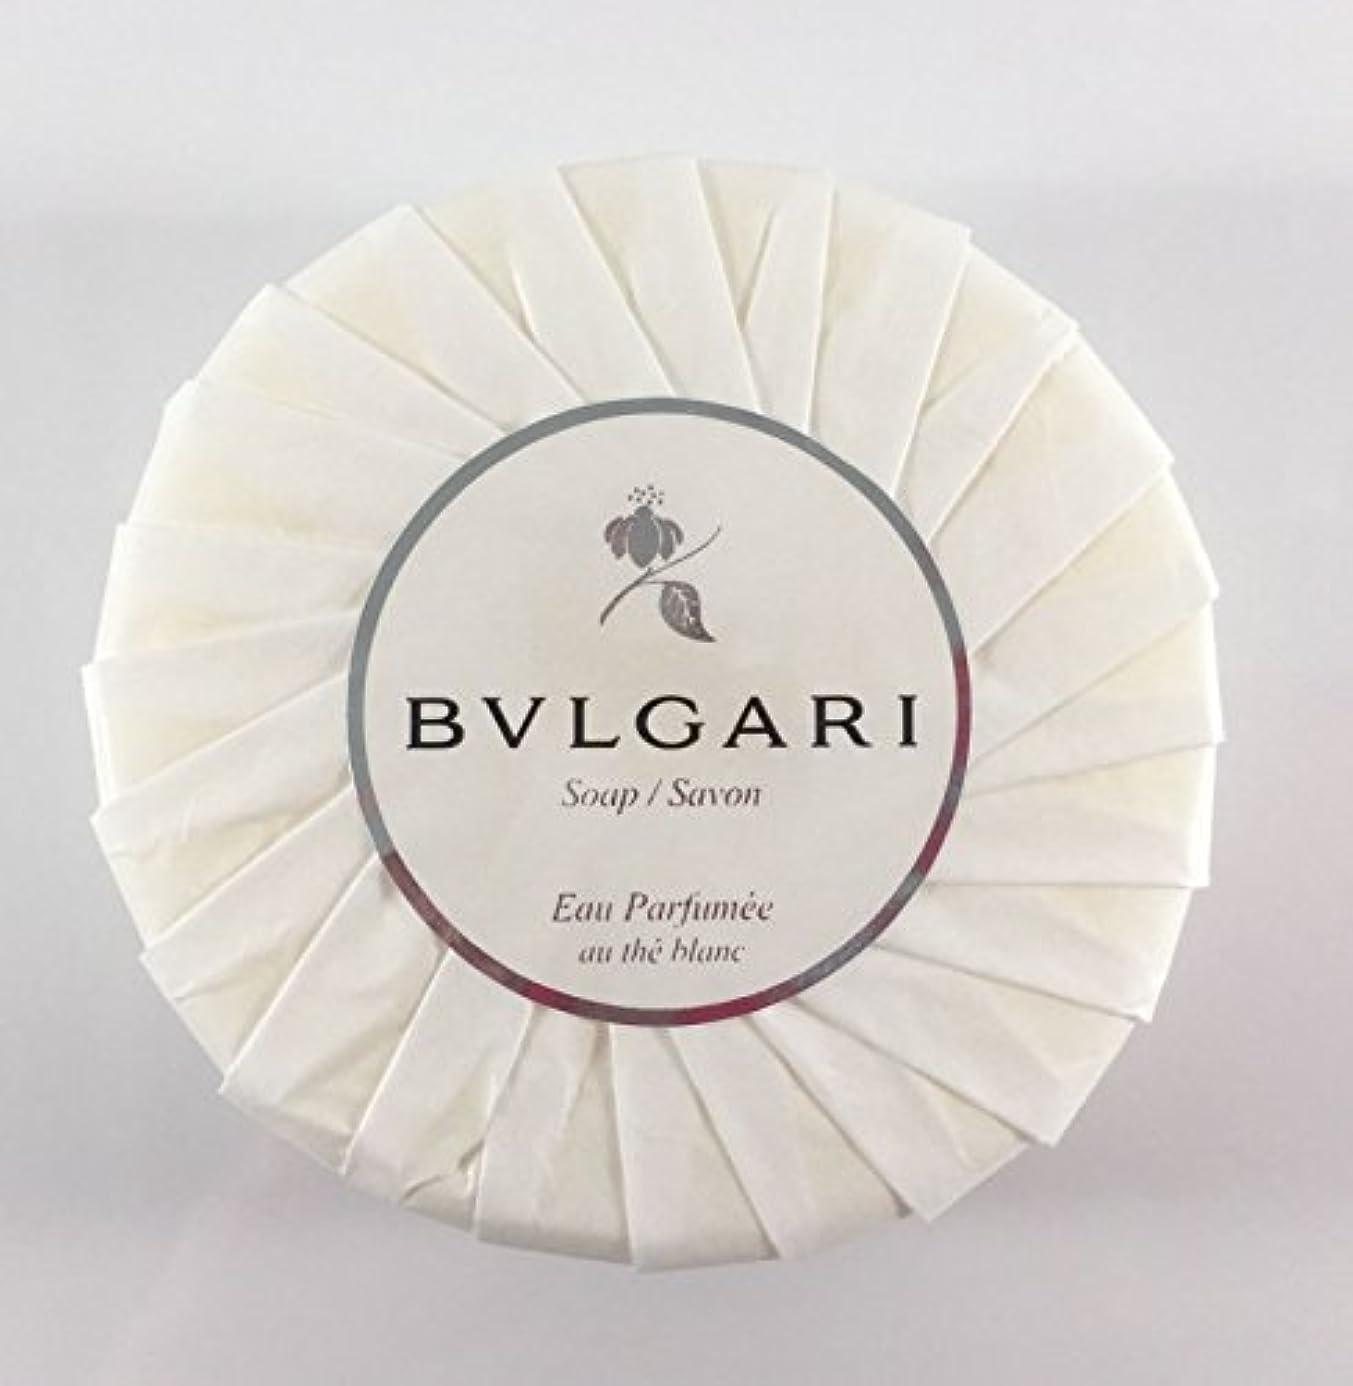 レーザ勉強するぺディカブブルガリ オ?パフメ オーテブラン デラックスソープ150g BVLGARI Bvlgari Eau Parfumee au the blanc White Soap